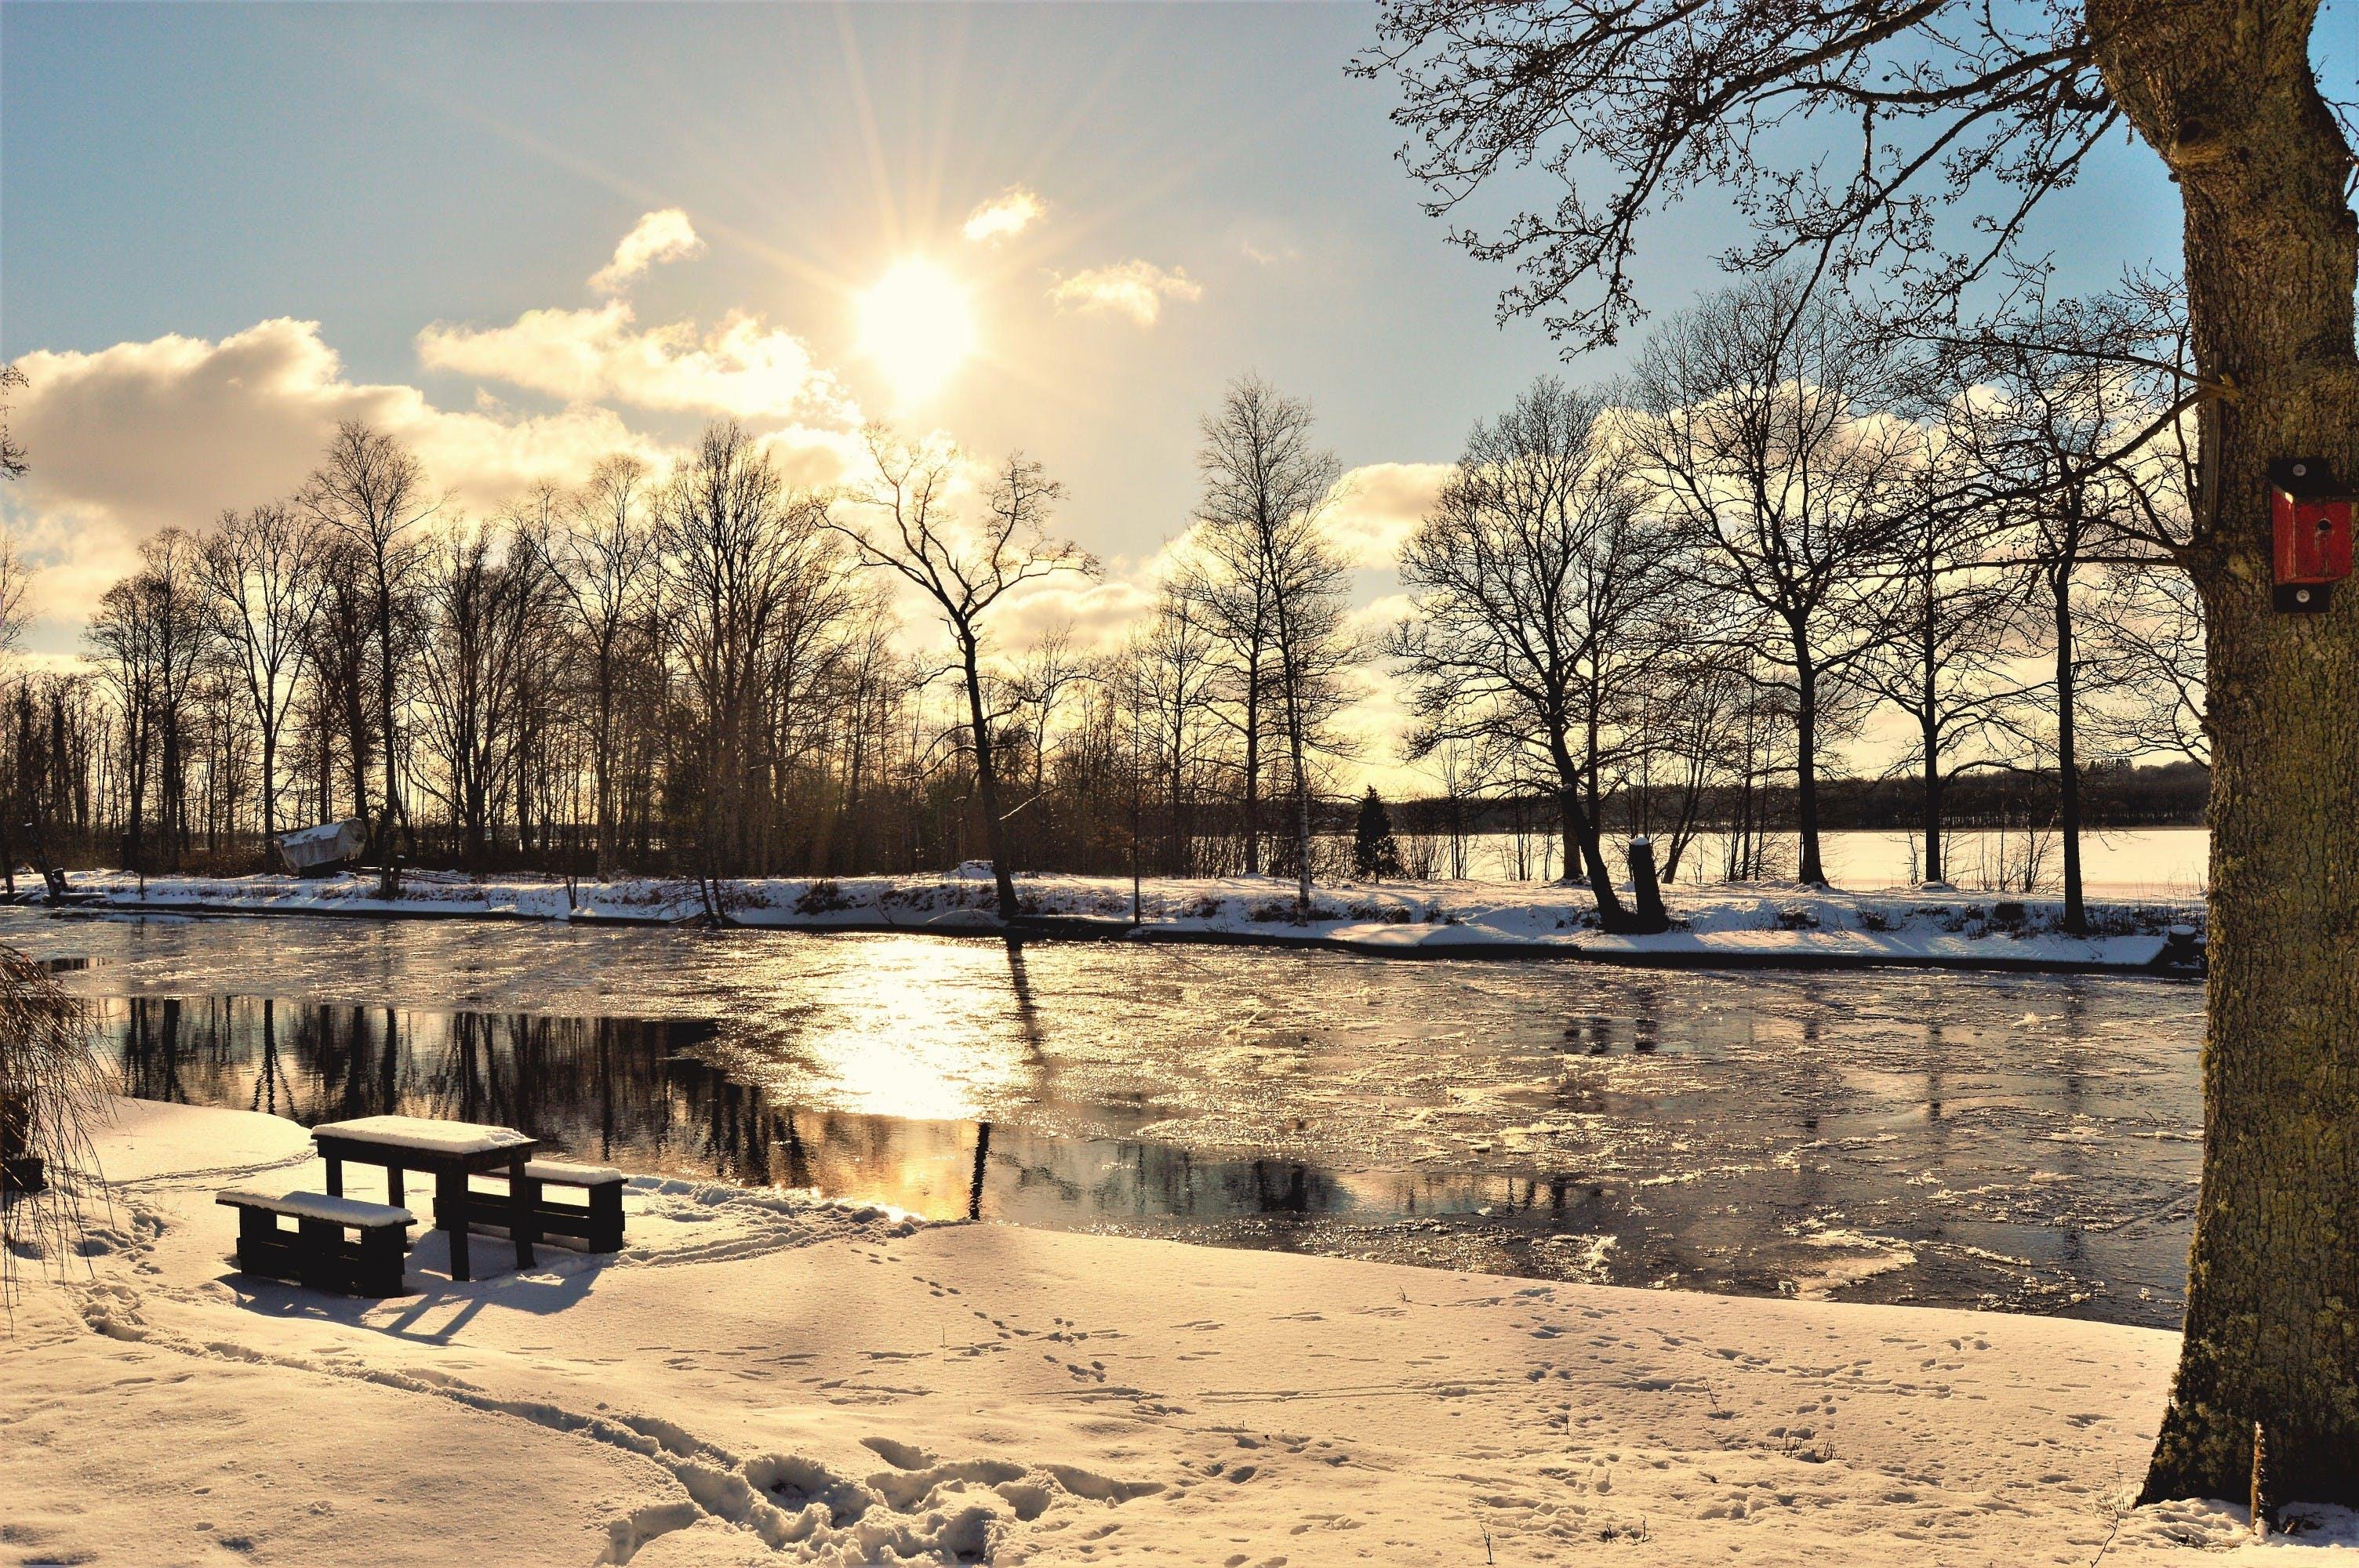 denní světlo, dřevo, krajina